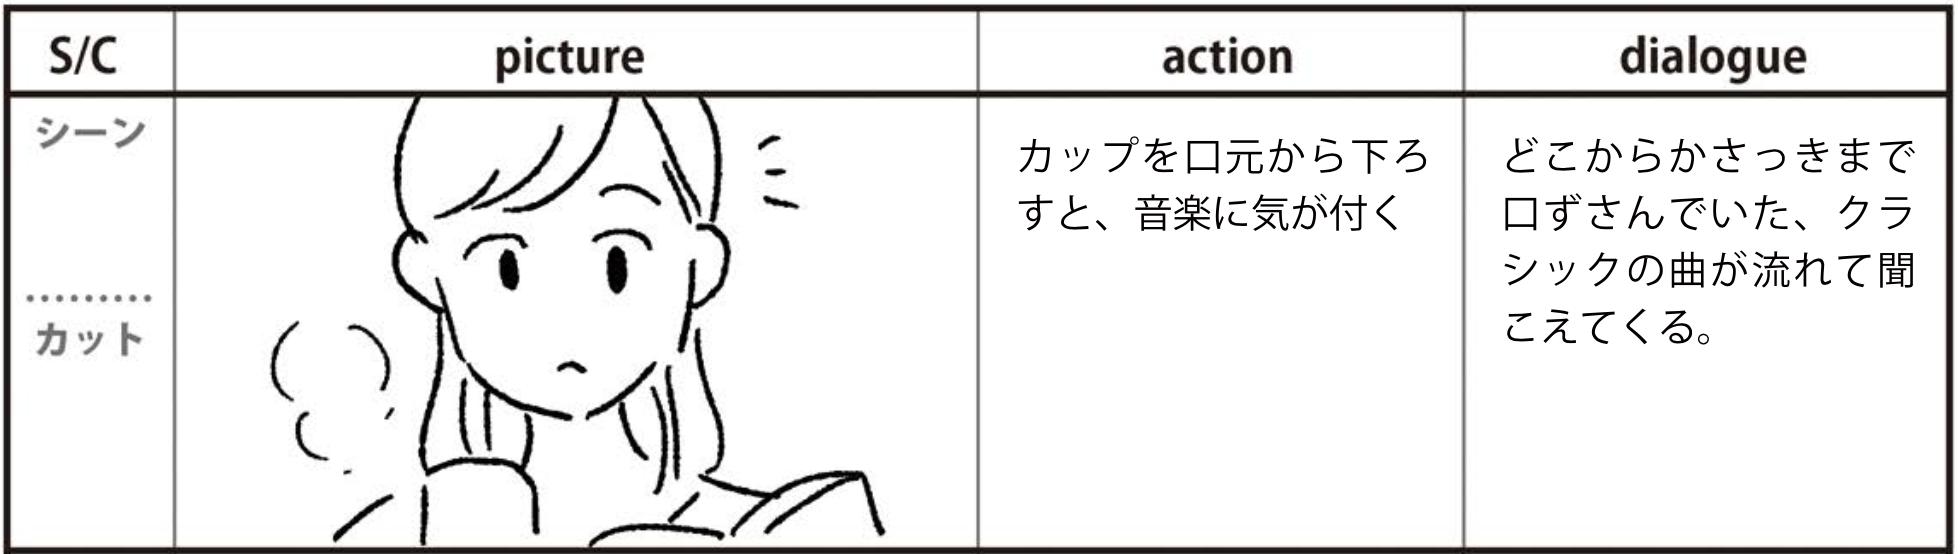 スクリーンショット 2021-05-04 16.26.08